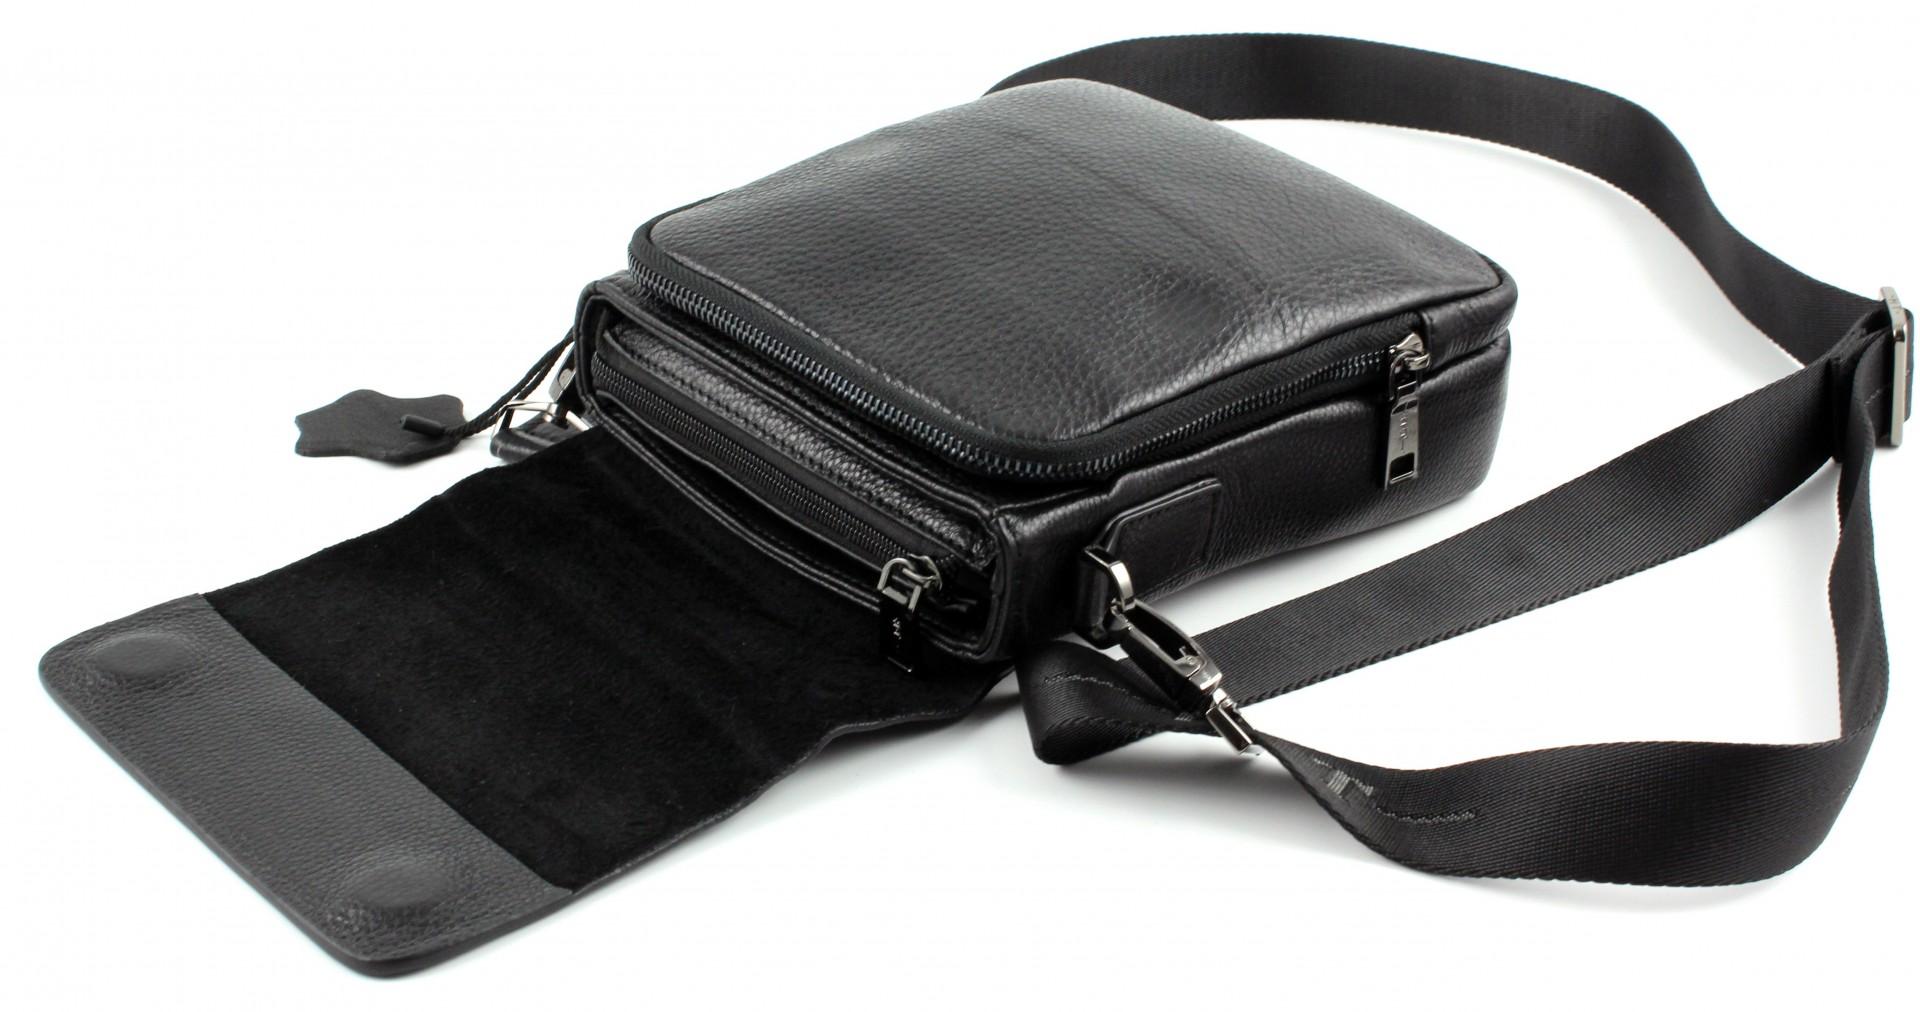 0521458ac99c ... Мужская кожаная вертикальная сумочка через плечо H.T Leather (10248) ...